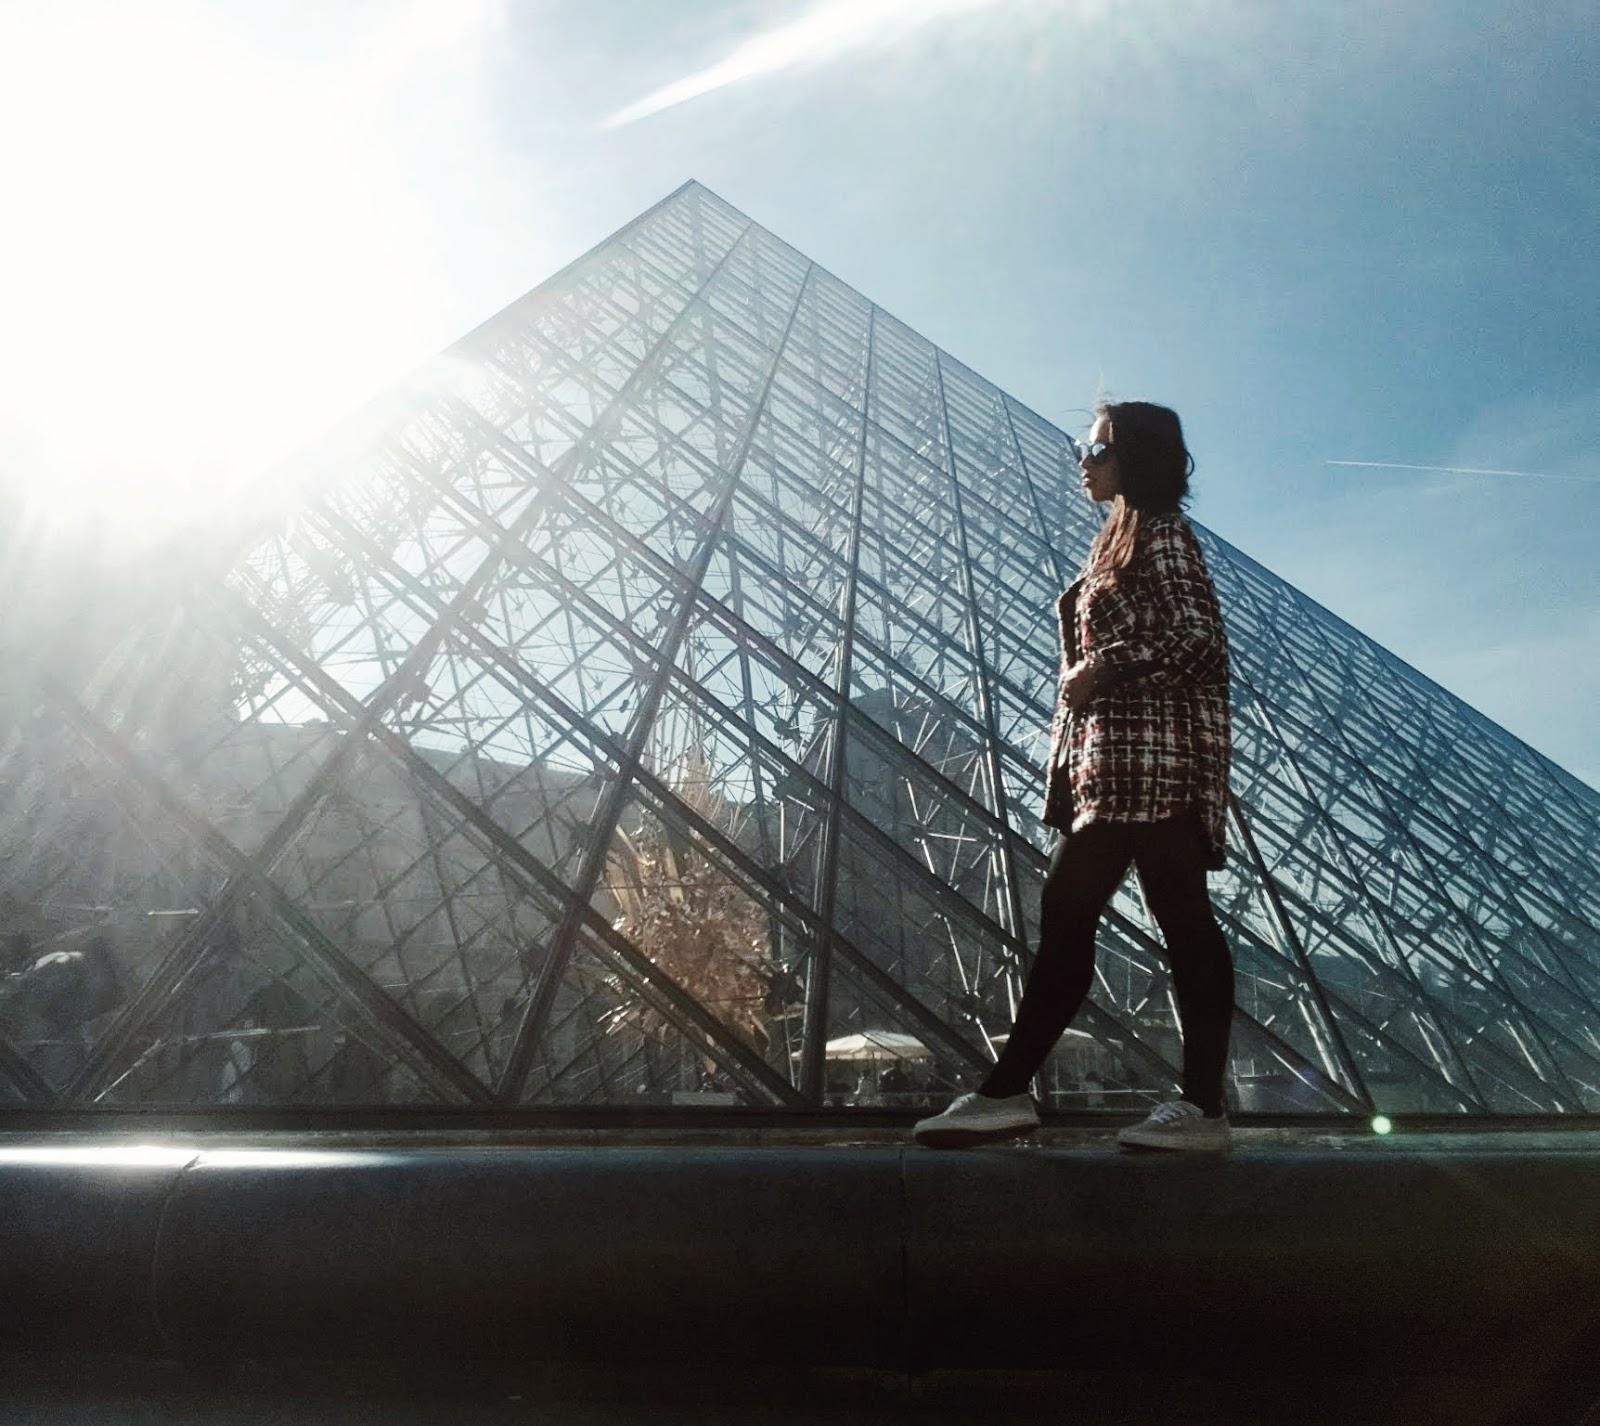 פריז סוף שבוע לאן לנסוע השראה למקומות לטיול